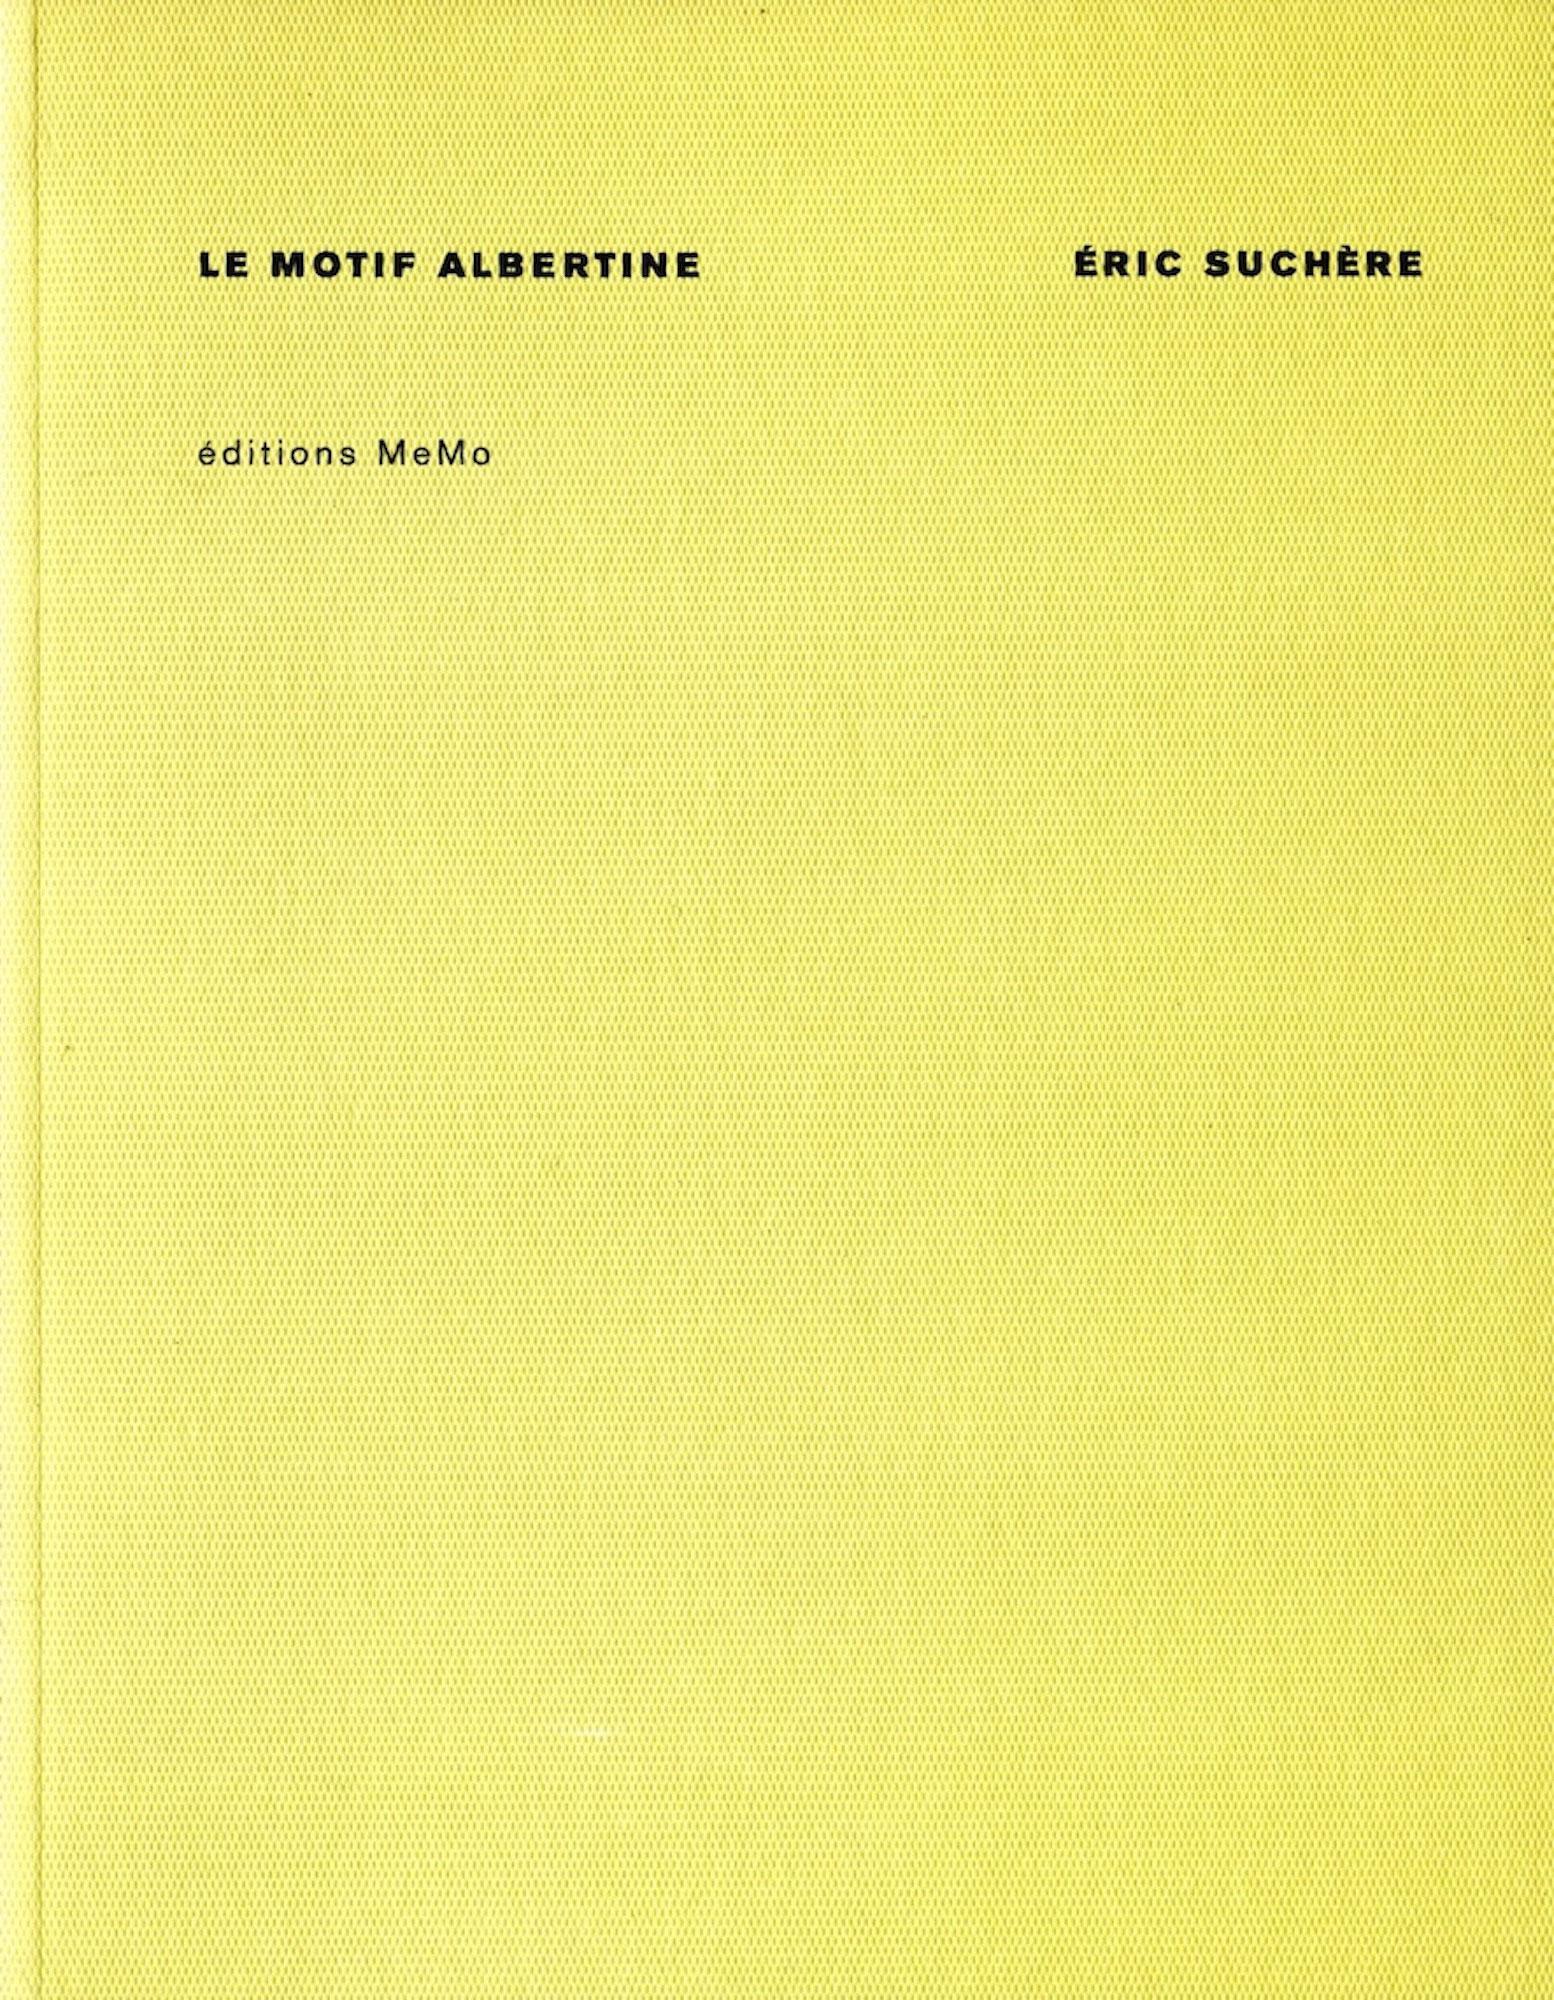 Éric Suchère, Le Motif albertine, MeMo (couverture)